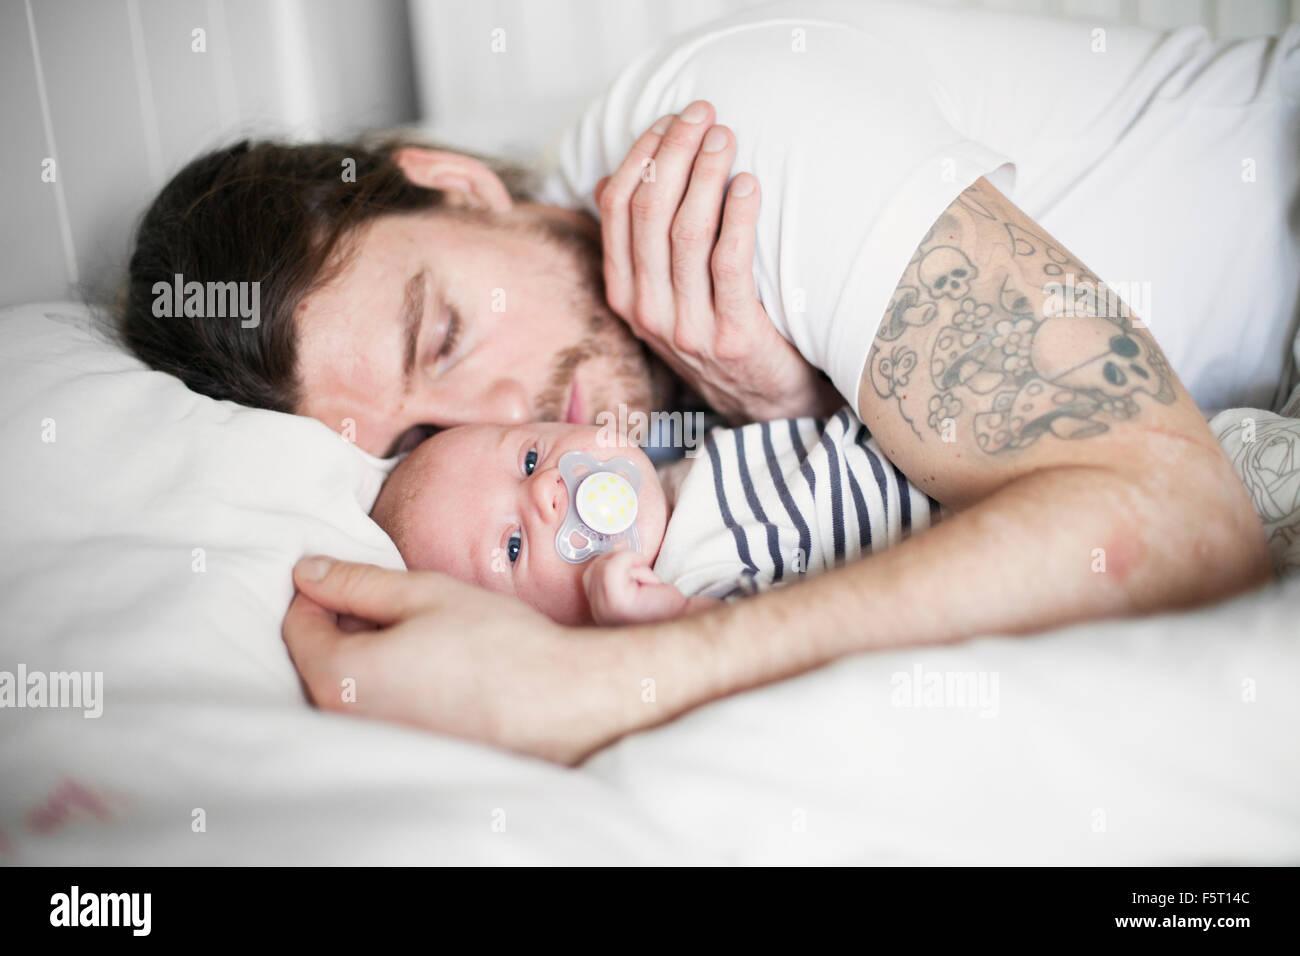 La Suède, père et baby boy (0-1 months) Photo Stock